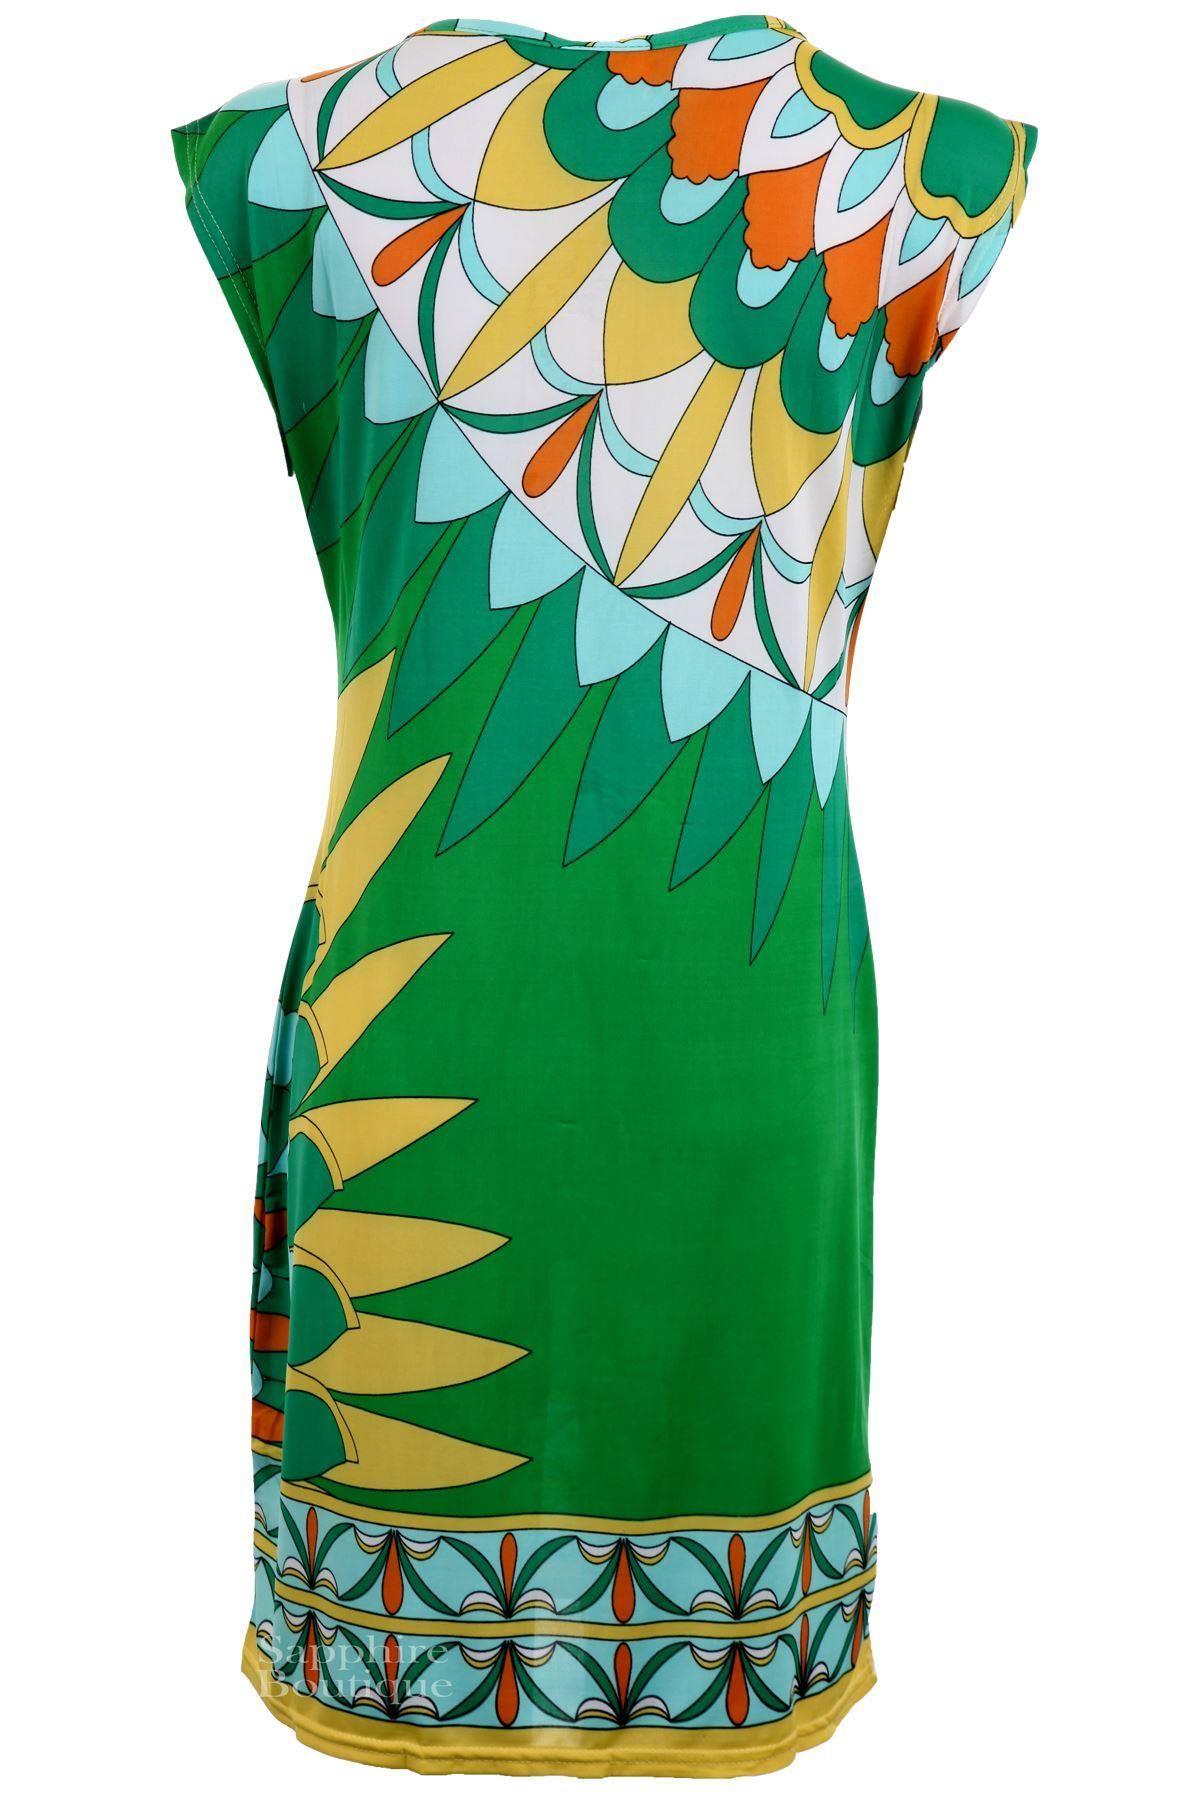 Women/'s Gold V Neck Baggy OverSized Multi-Colour Sleeveless Ladies Long Top